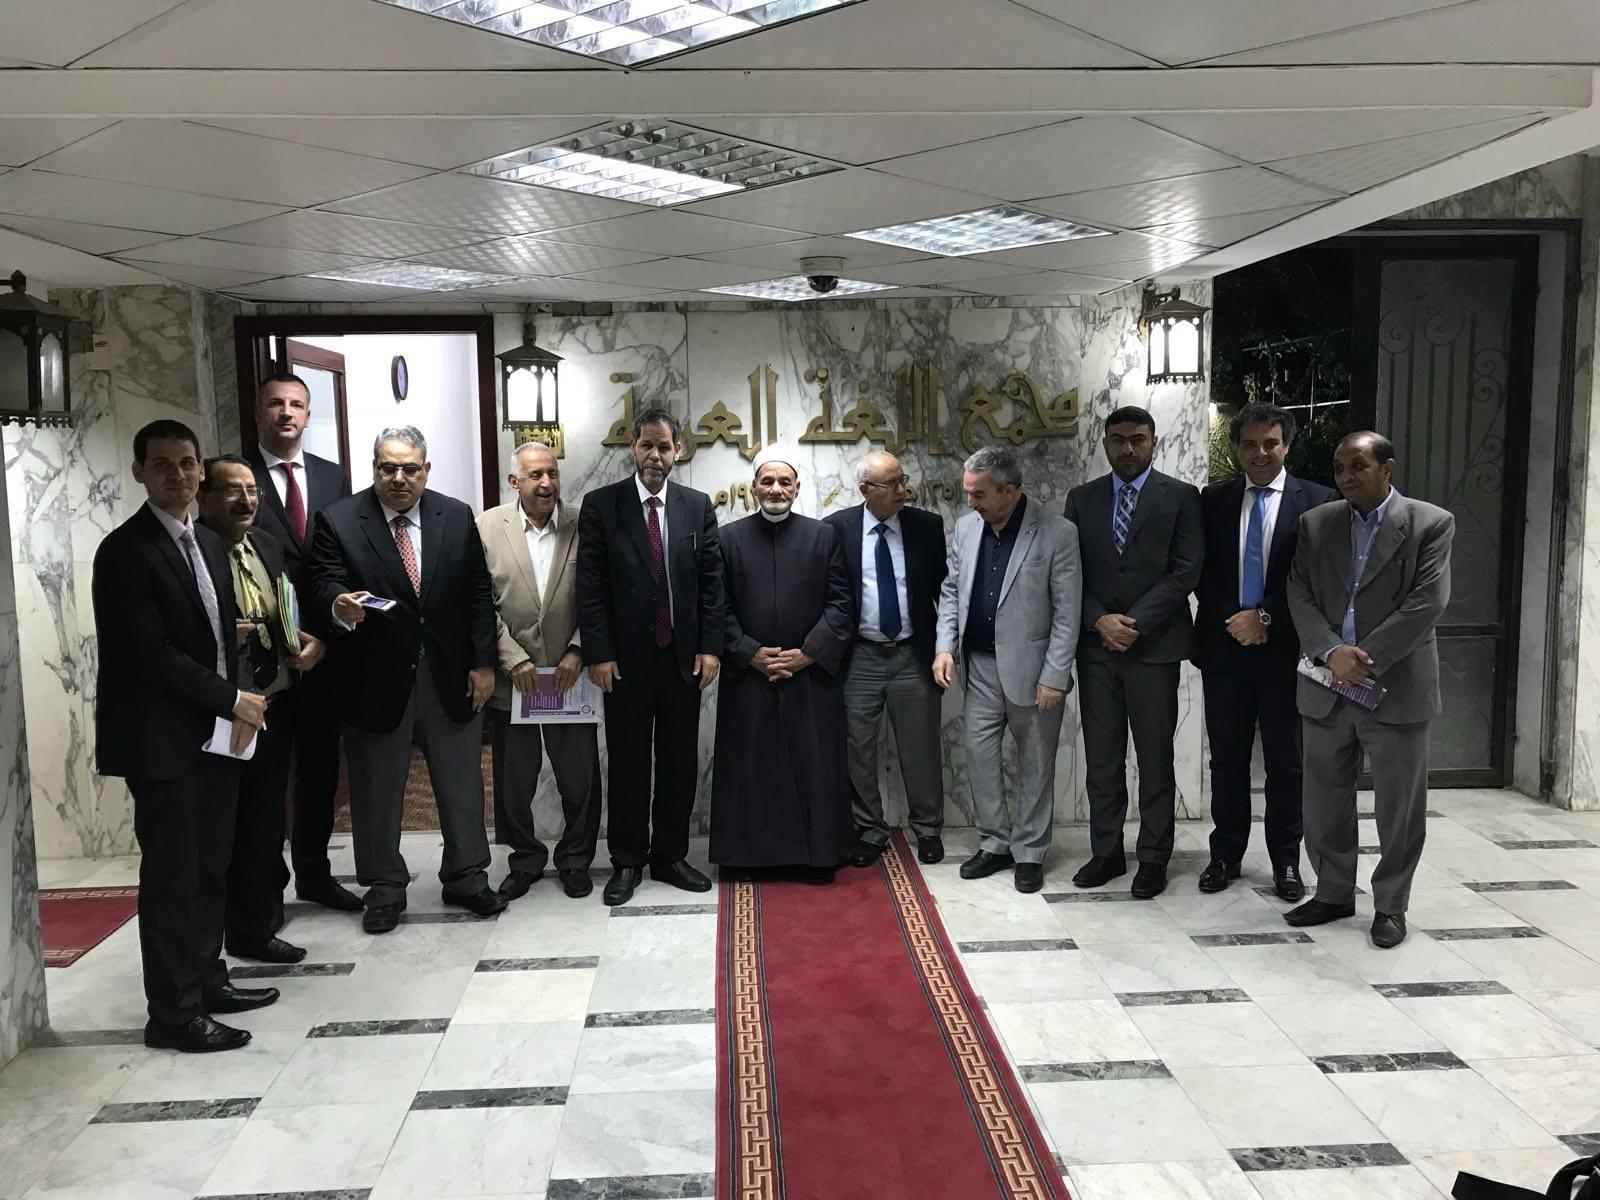 اجتماع اللجنة الخماسية للمعجم التاريخي للغة العربية